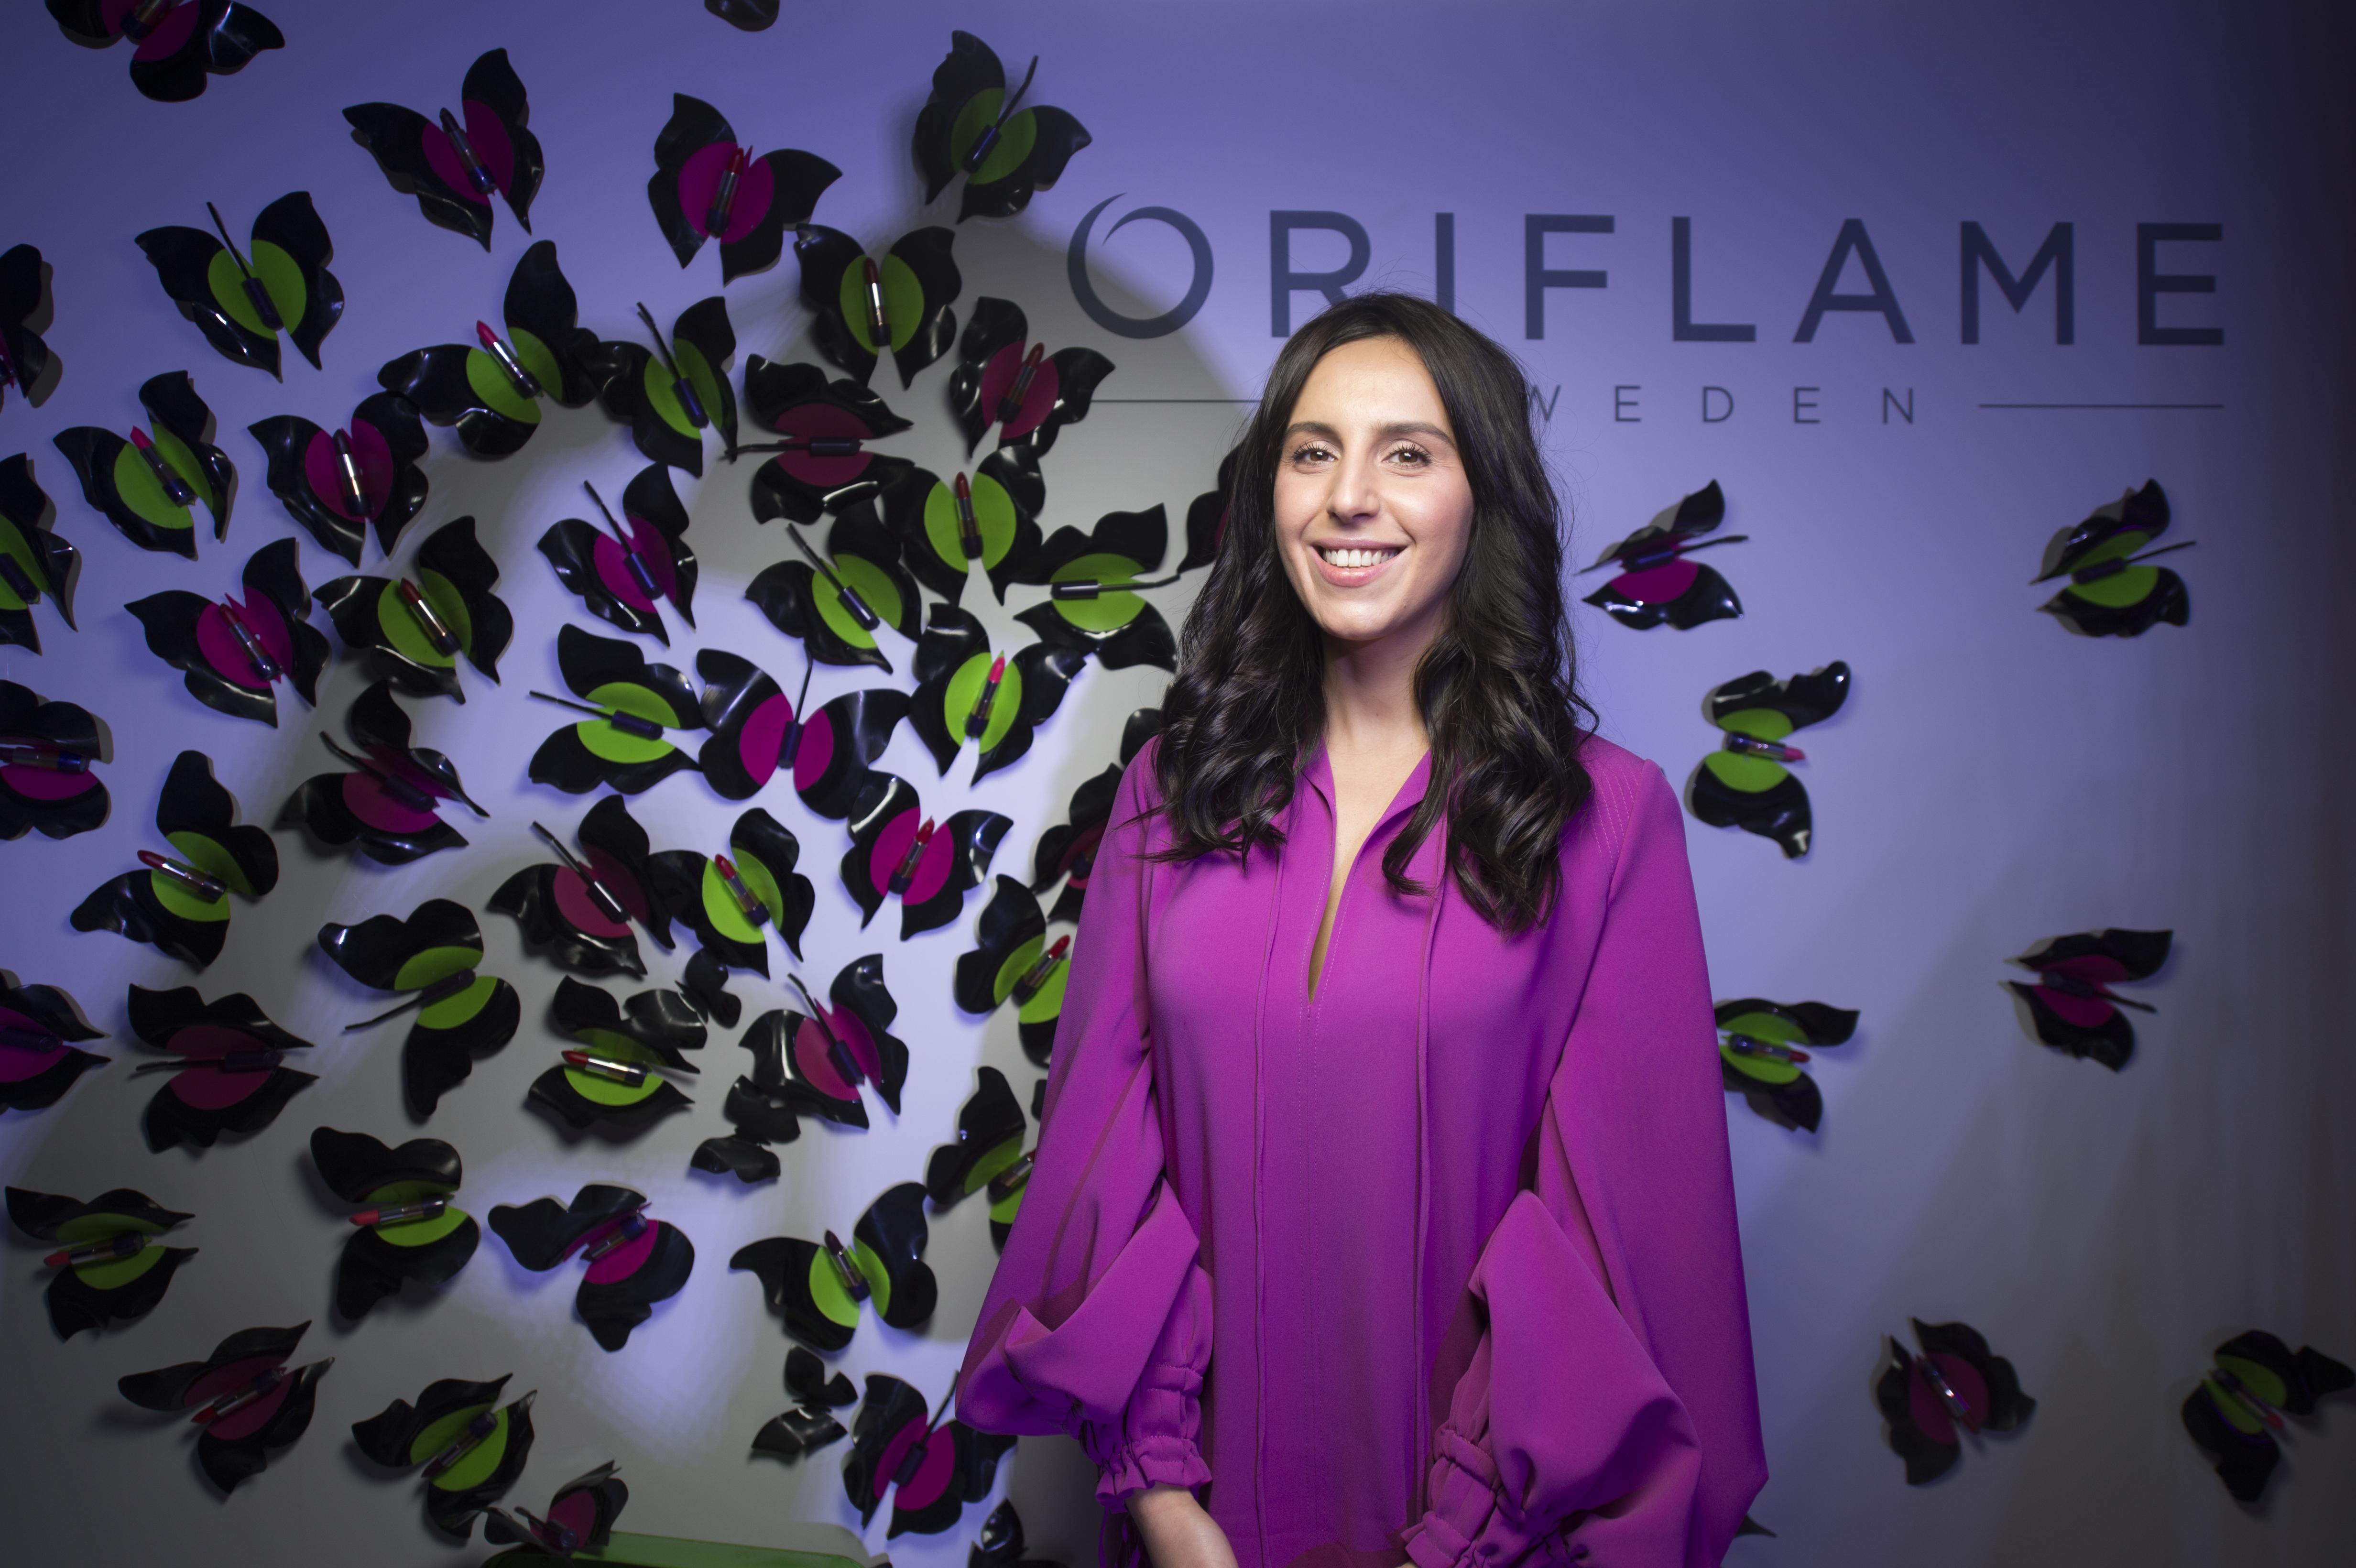 Jamala стала лицом бренда Oriflame Украина в рамках новой концепции «Красота как образ жизни»